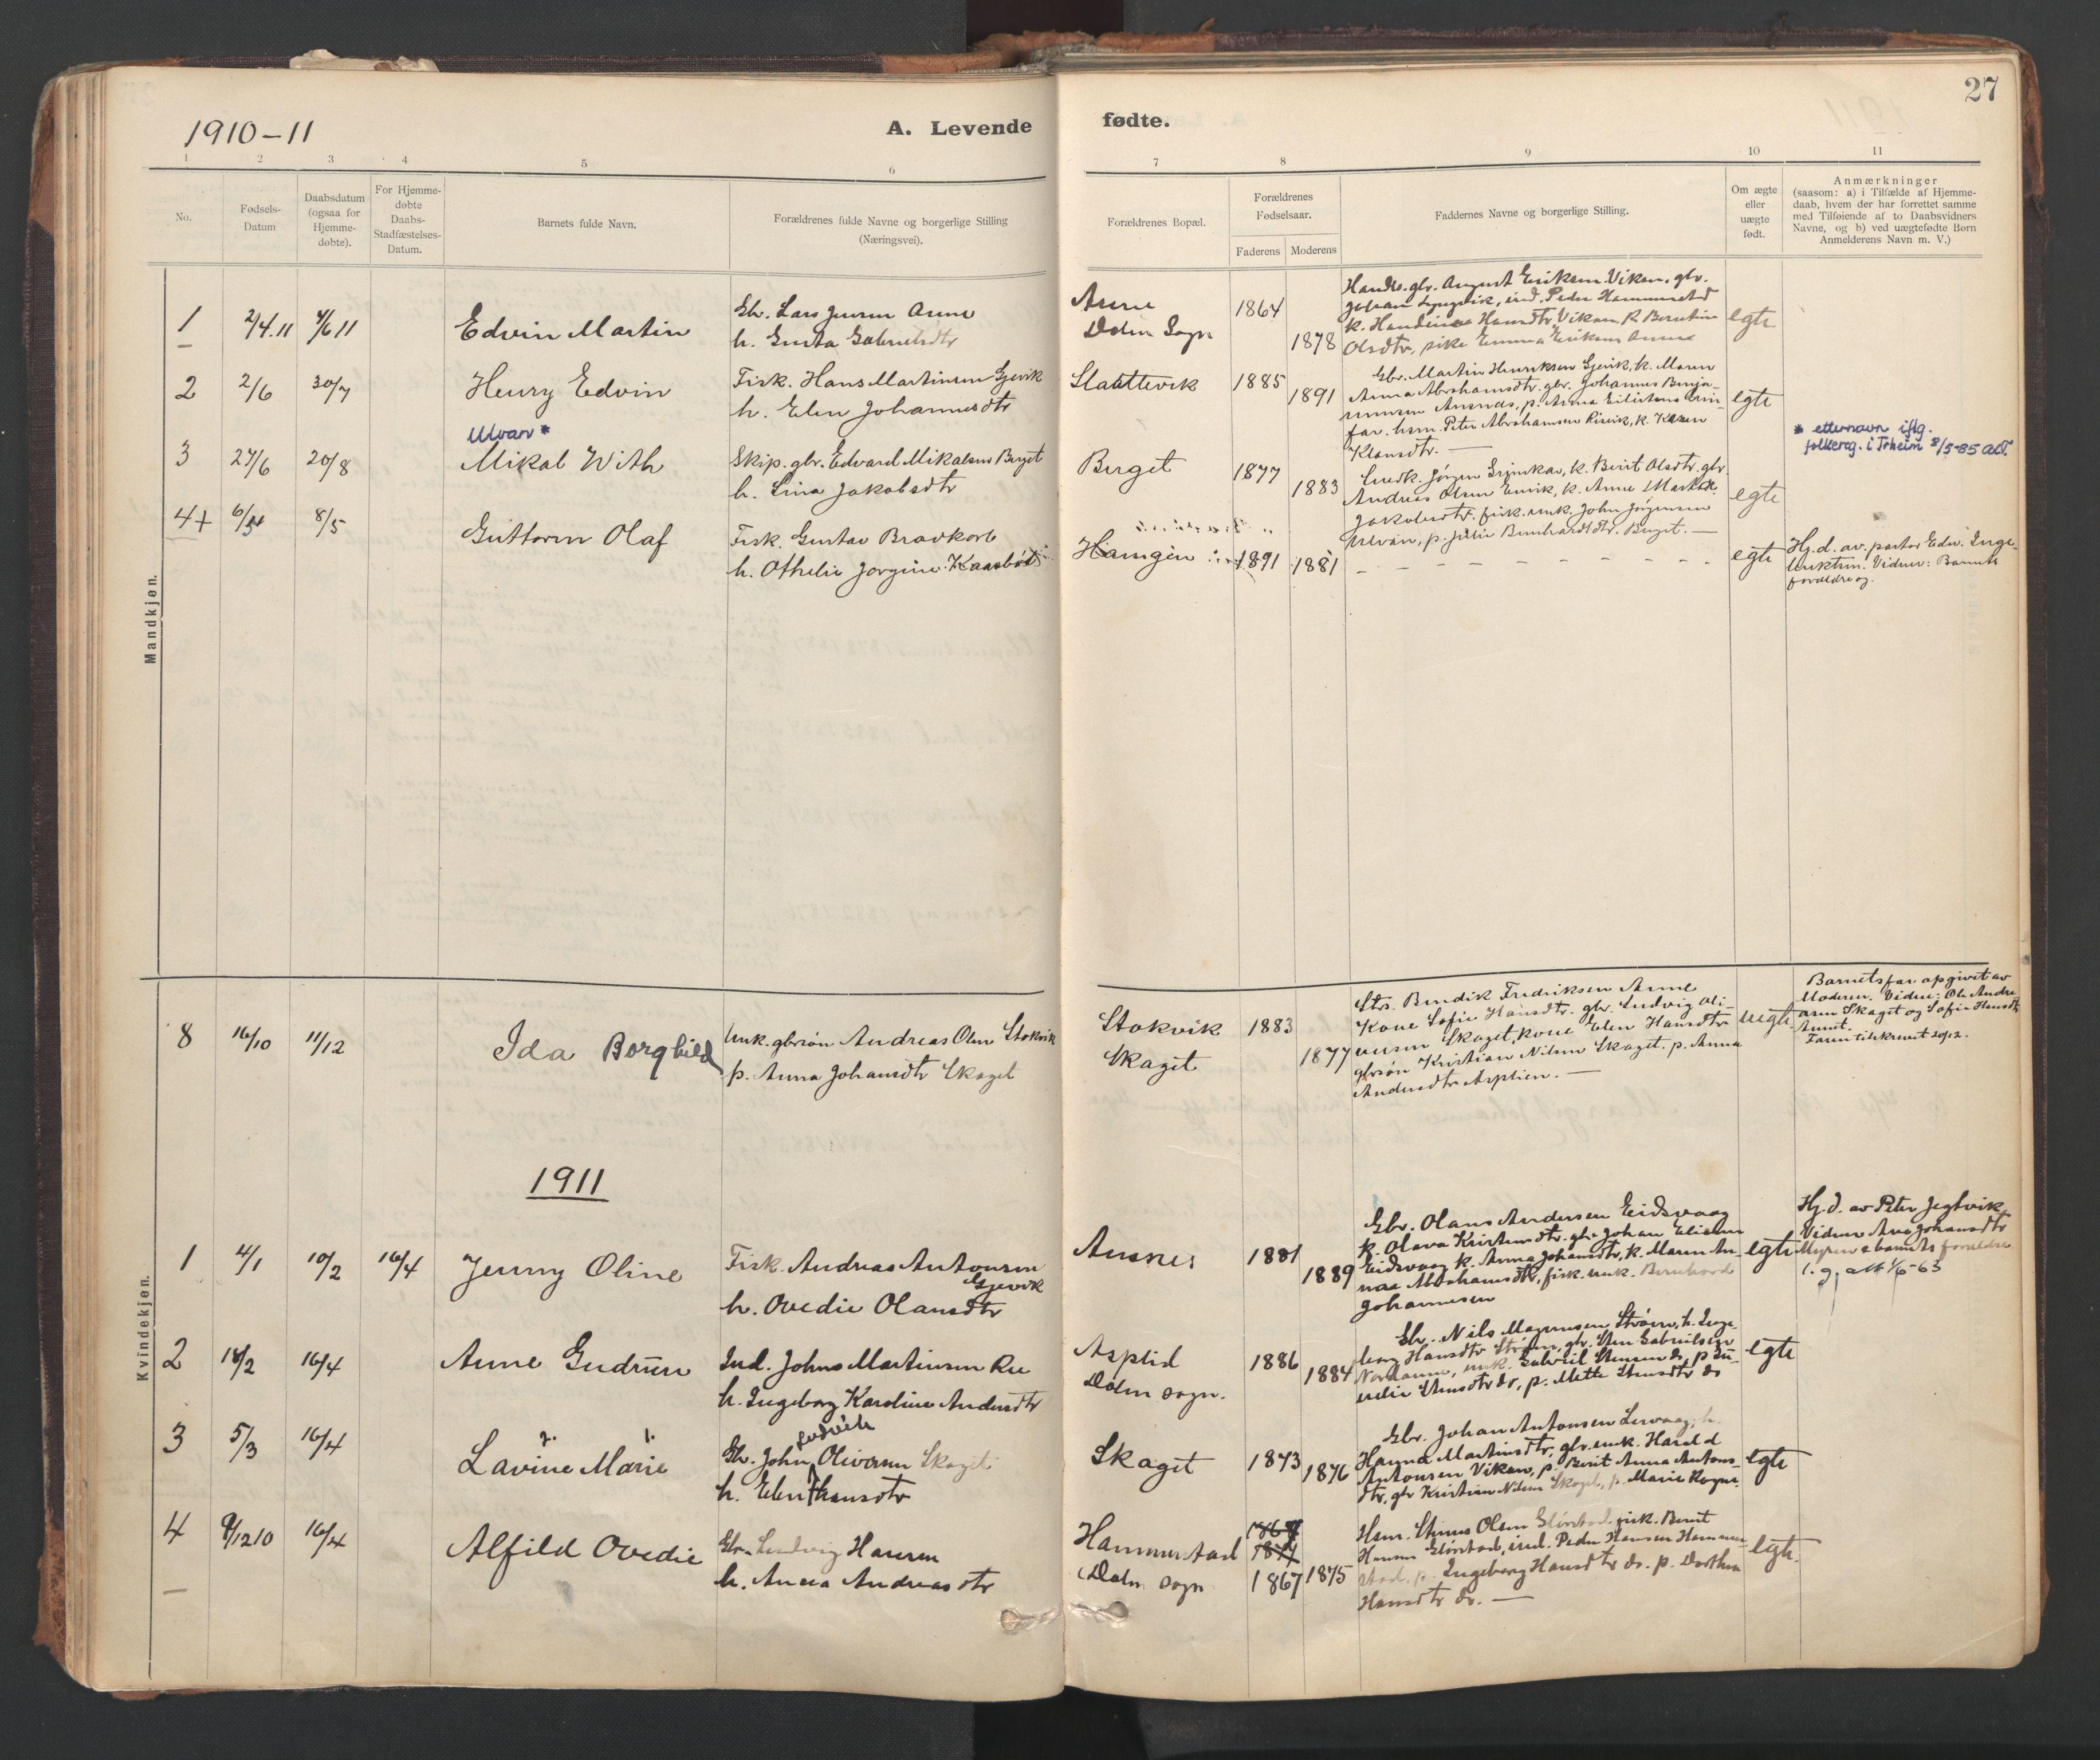 SAT, Ministerialprotokoller, klokkerbøker og fødselsregistre - Sør-Trøndelag, 637/L0559: Ministerialbok nr. 637A02, 1899-1923, s. 27